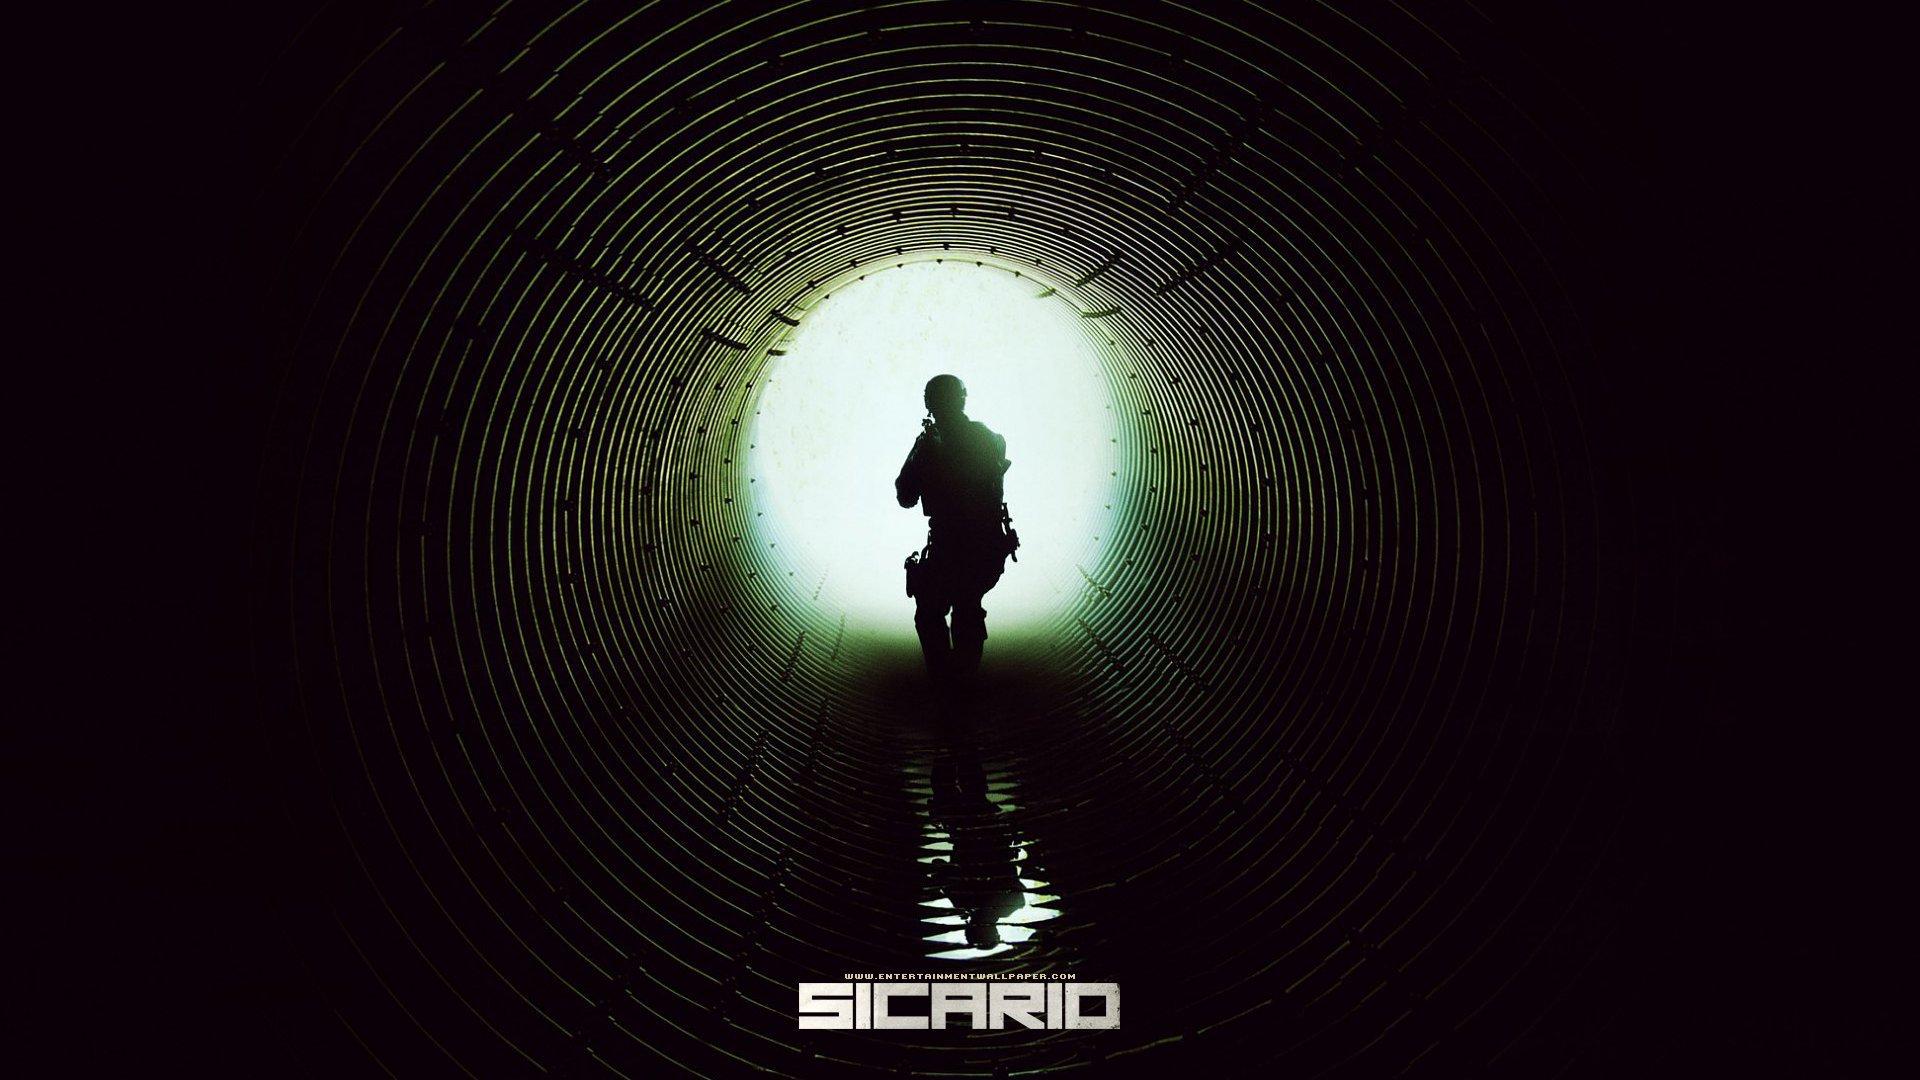 Sicario ou quand un réalisateur d'ici trace la frontière entre un chef-d'oeuvre et un hors-d'oeuvre...